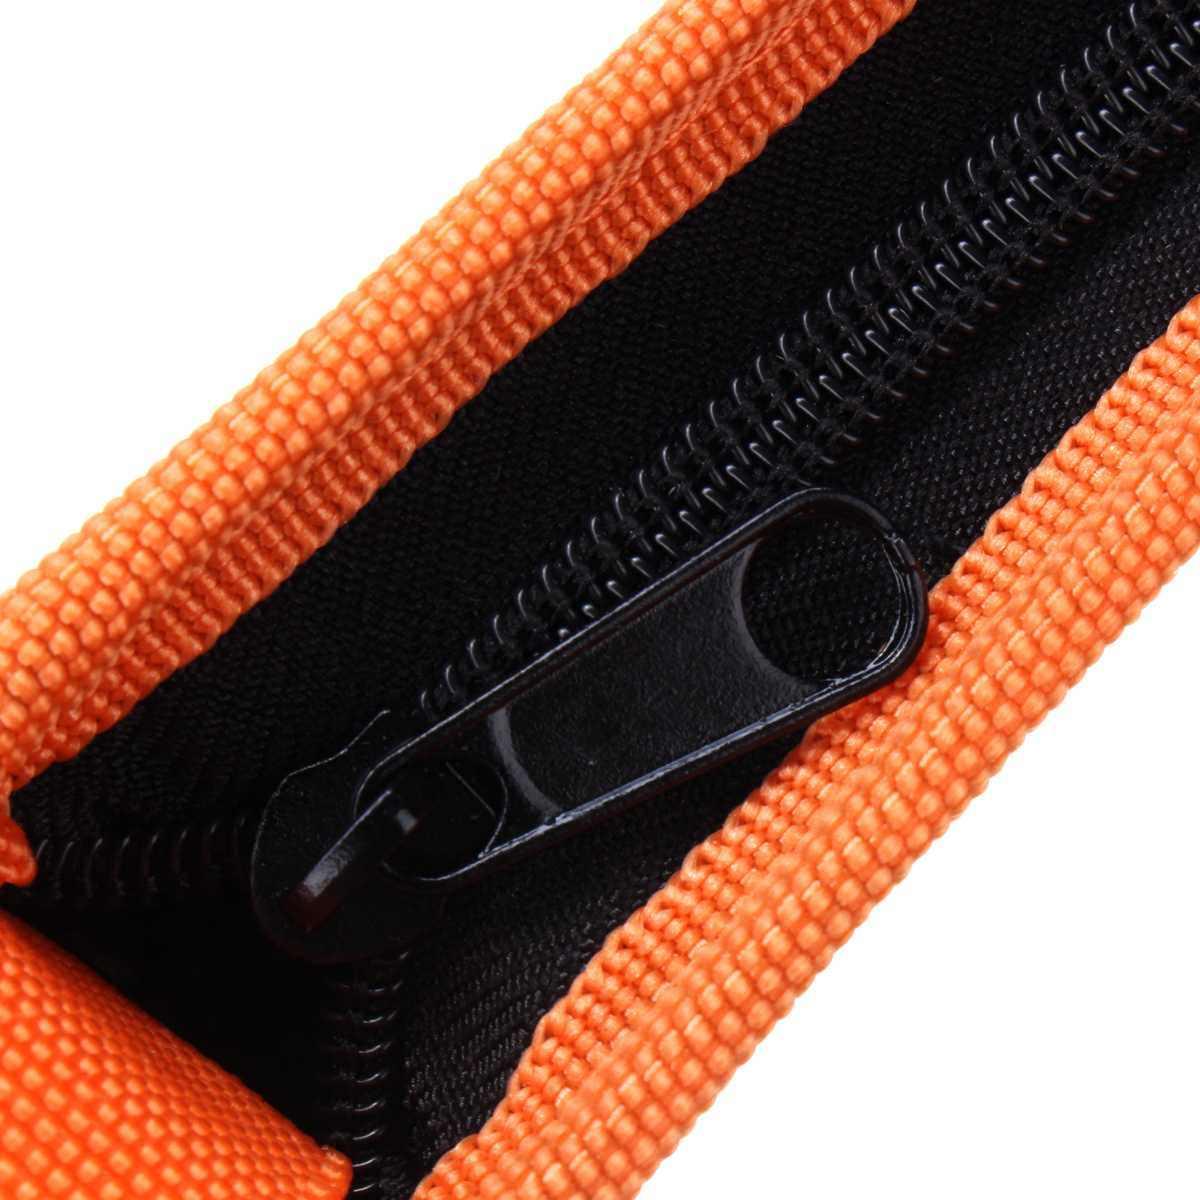 Портативная Тяжелая ремонтная аппаратная инструментальная сумка для хранения инструментов сумка-переноска из ткани Оксфорд удобная сумка на молнии Новинка S M L Прямая поставка